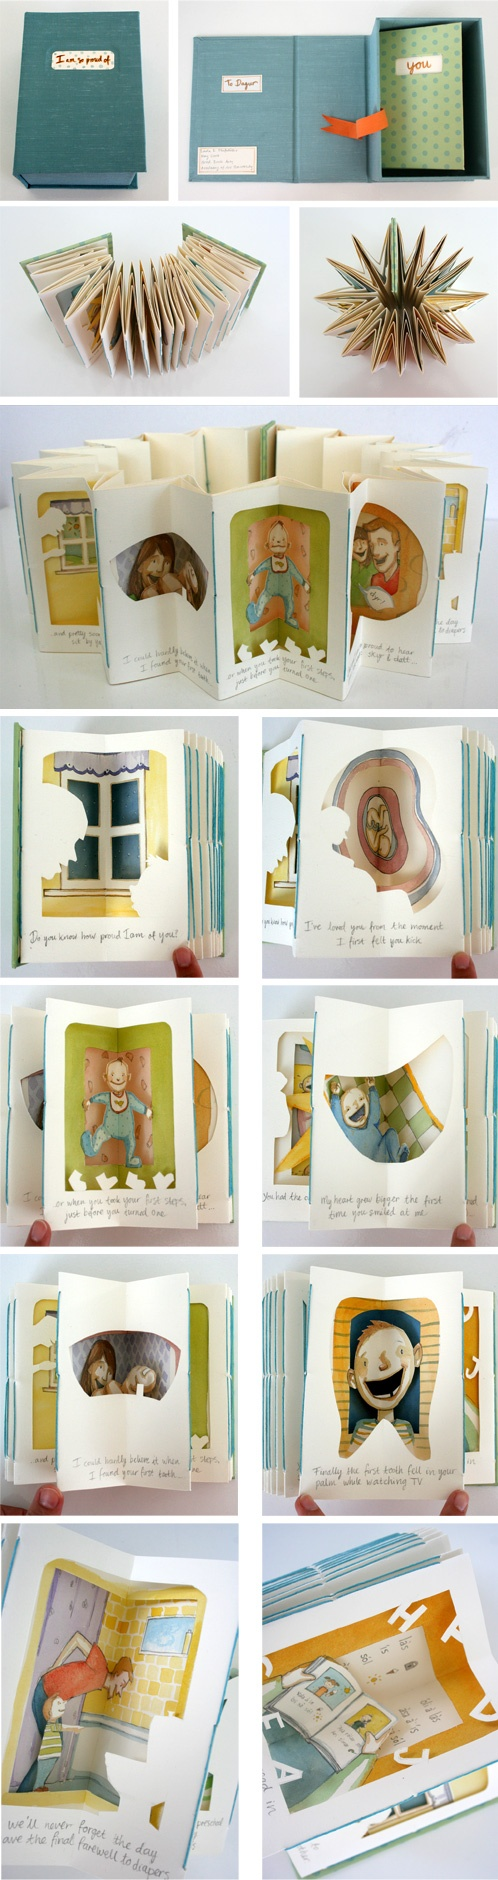 carousel book